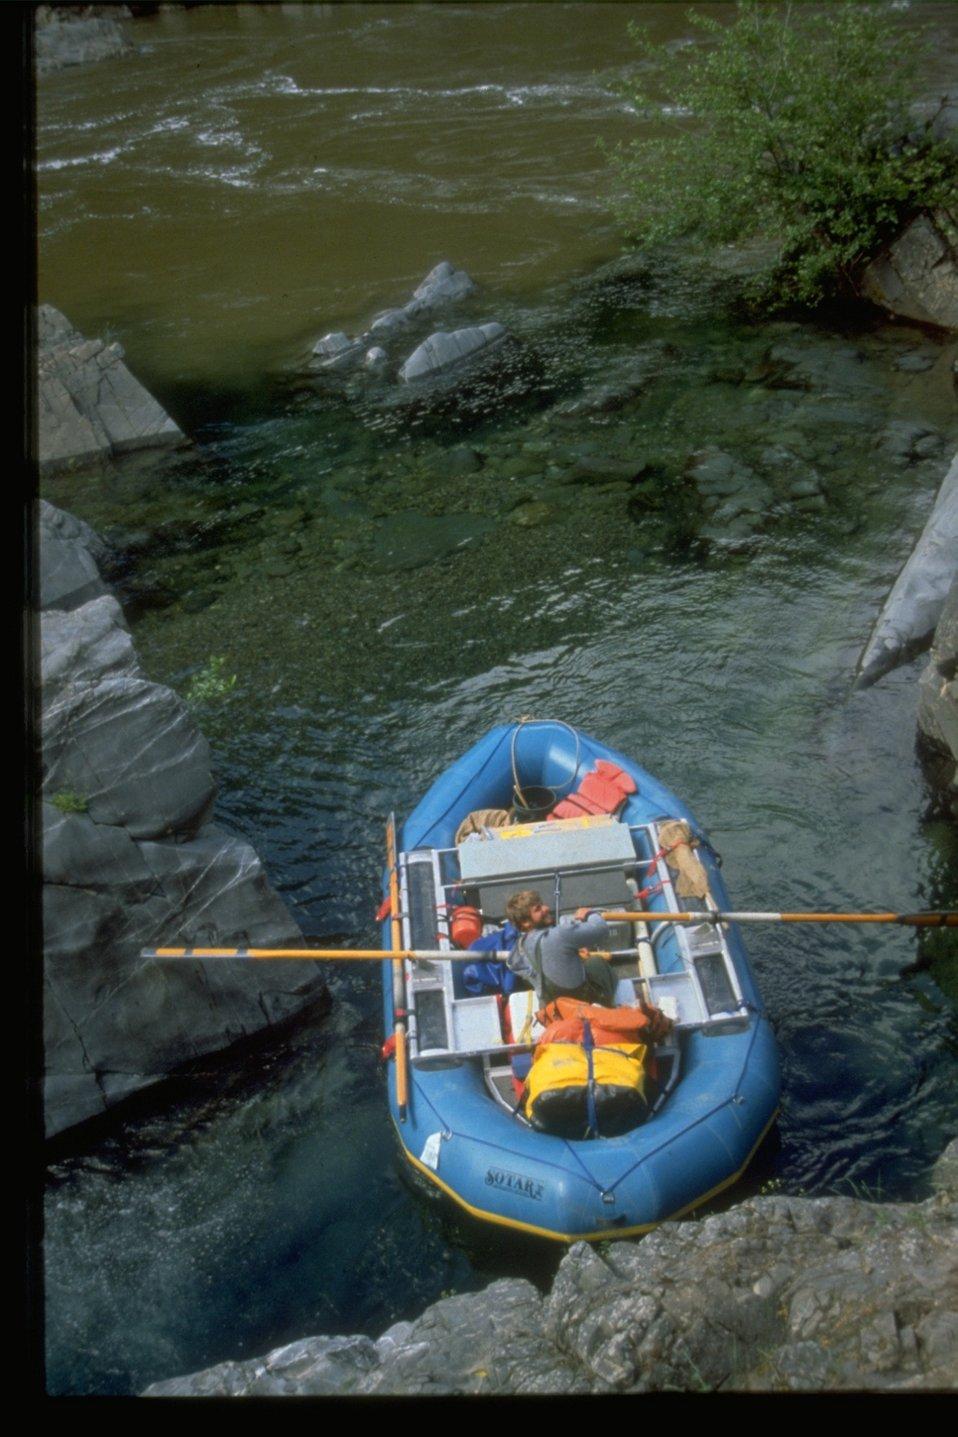 Rafting in Big Windy Creek.